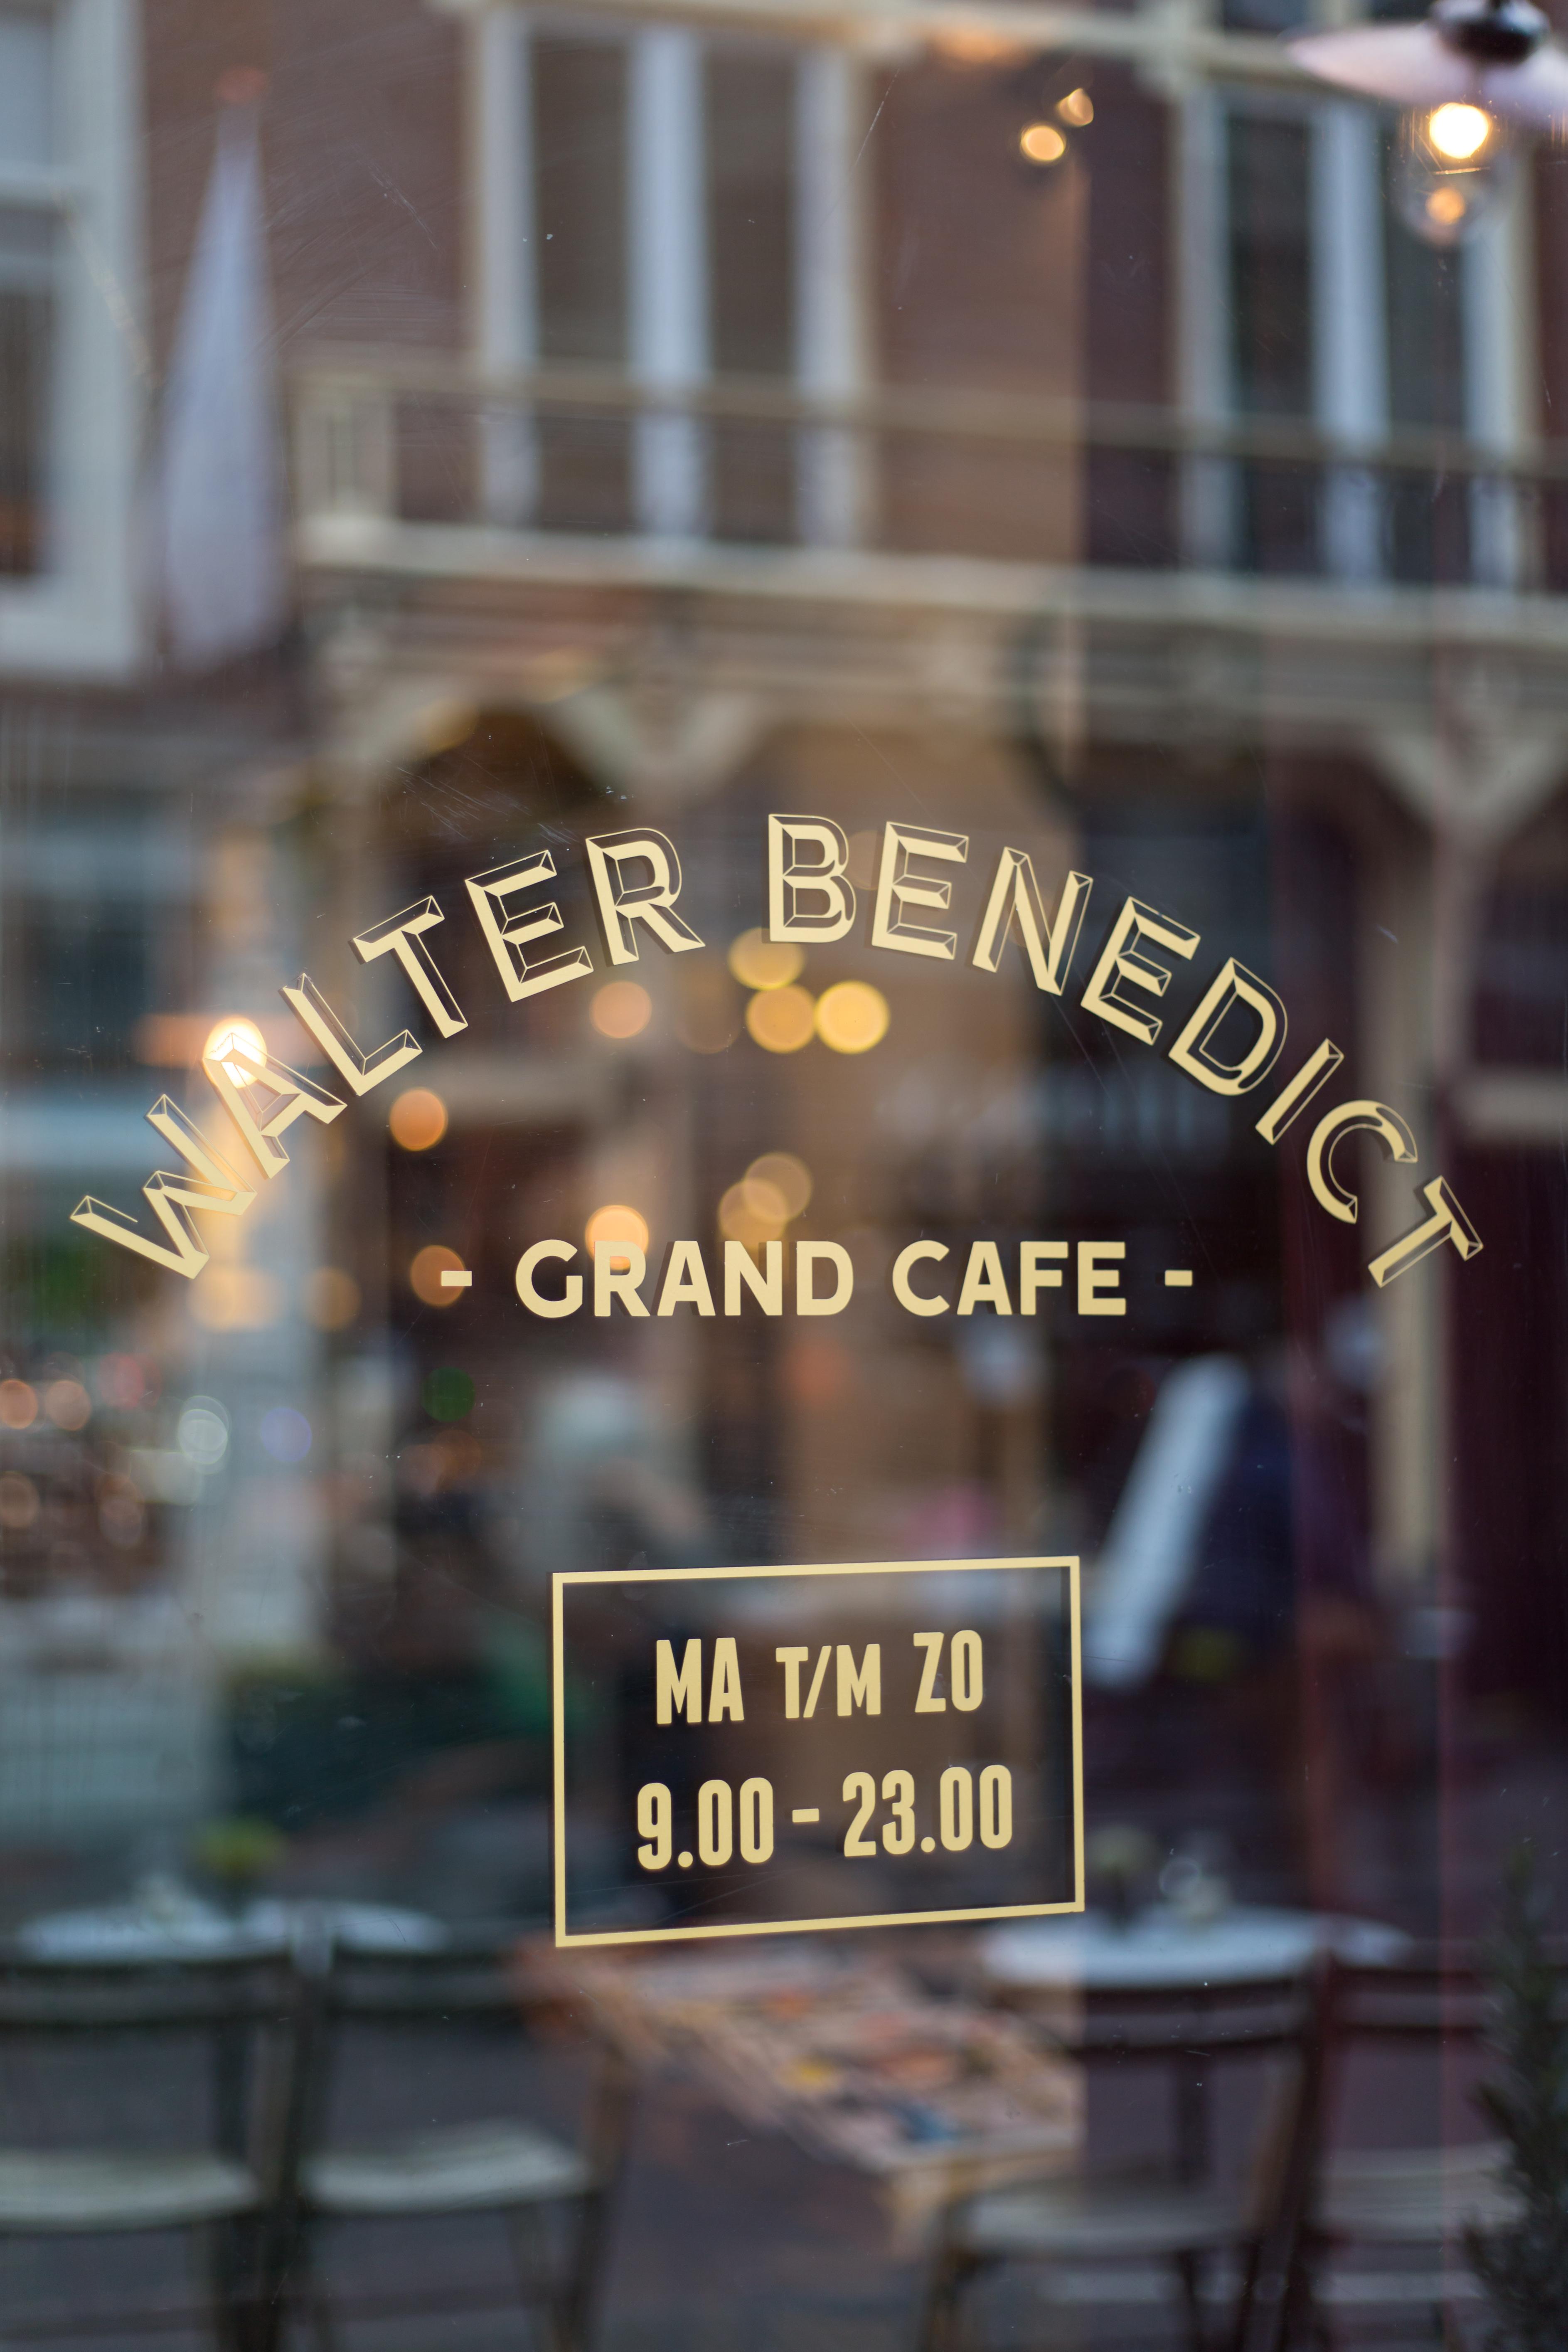 Walter Benedict